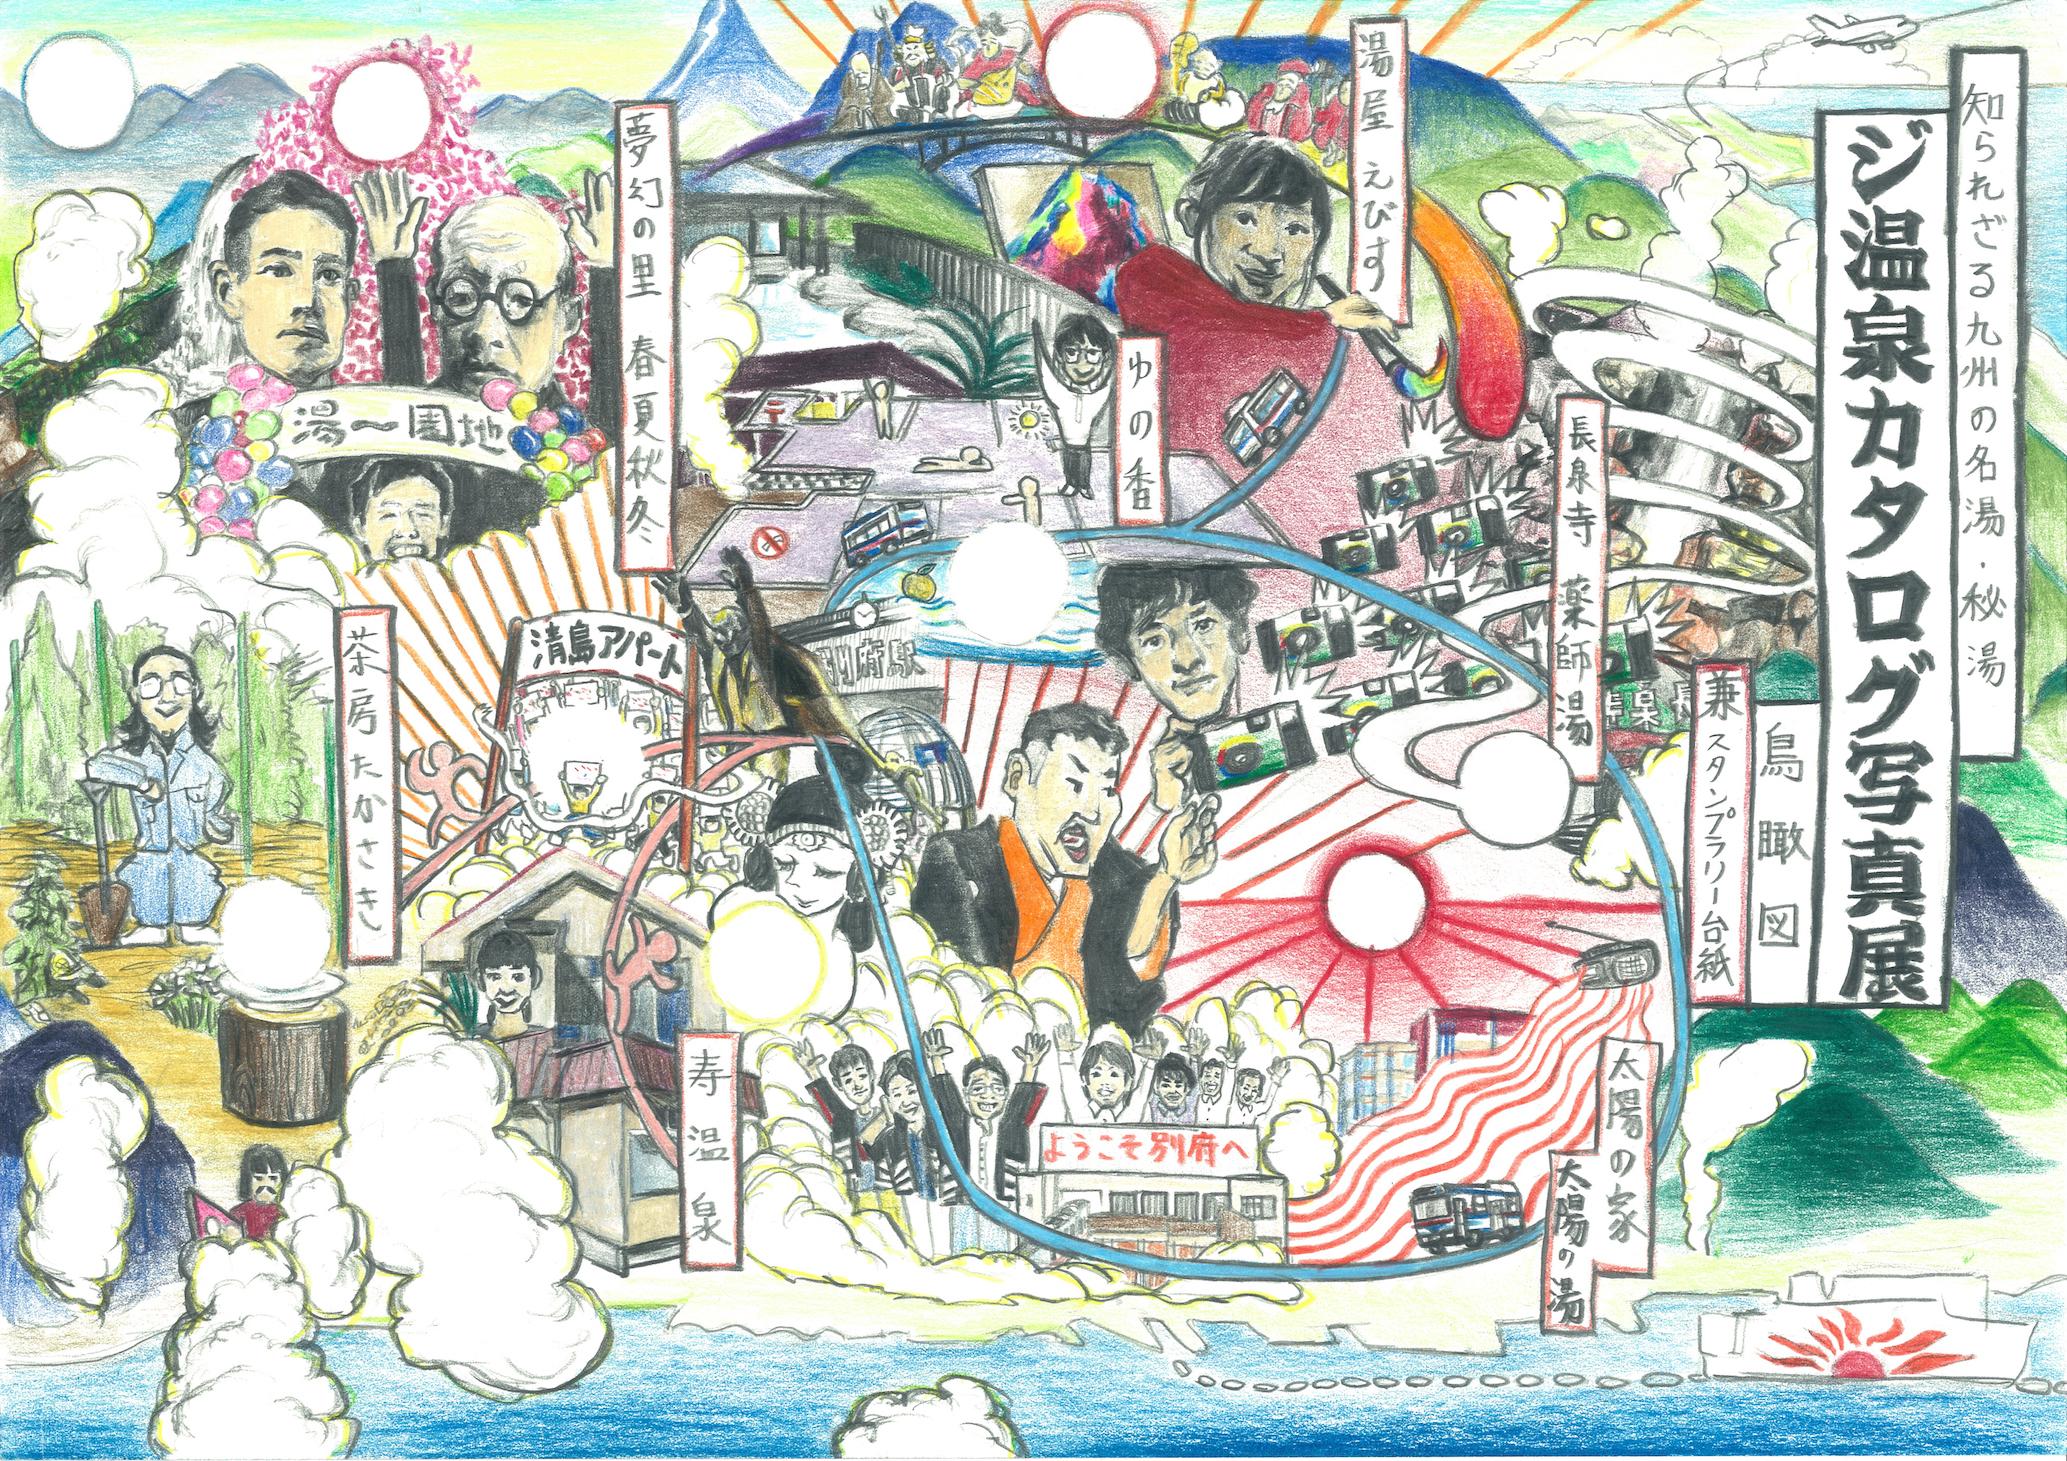 ジ温泉カタログ写真展鳥瞰図.jpg